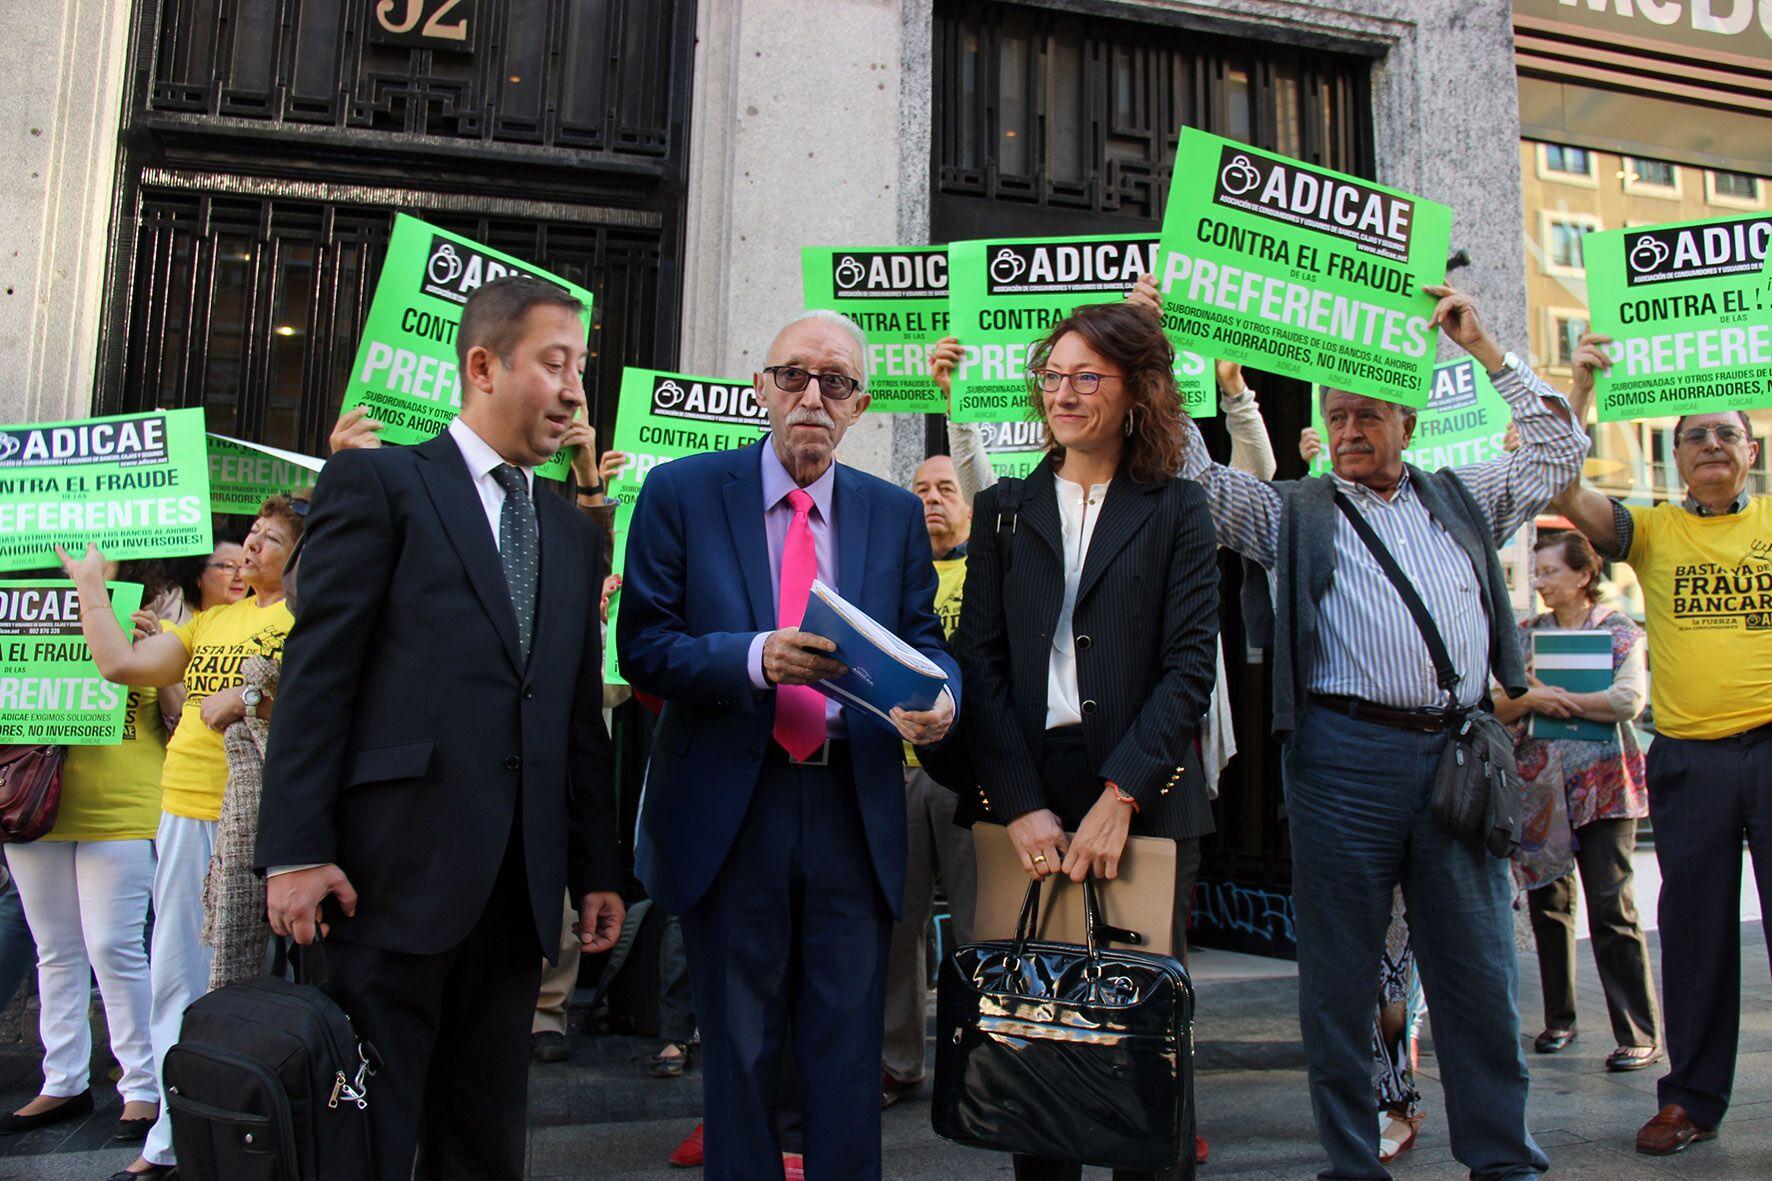 ADICAE solicita la devolución de los ahorros para los afectados en el juicio de las subordinadas de Caja Duero